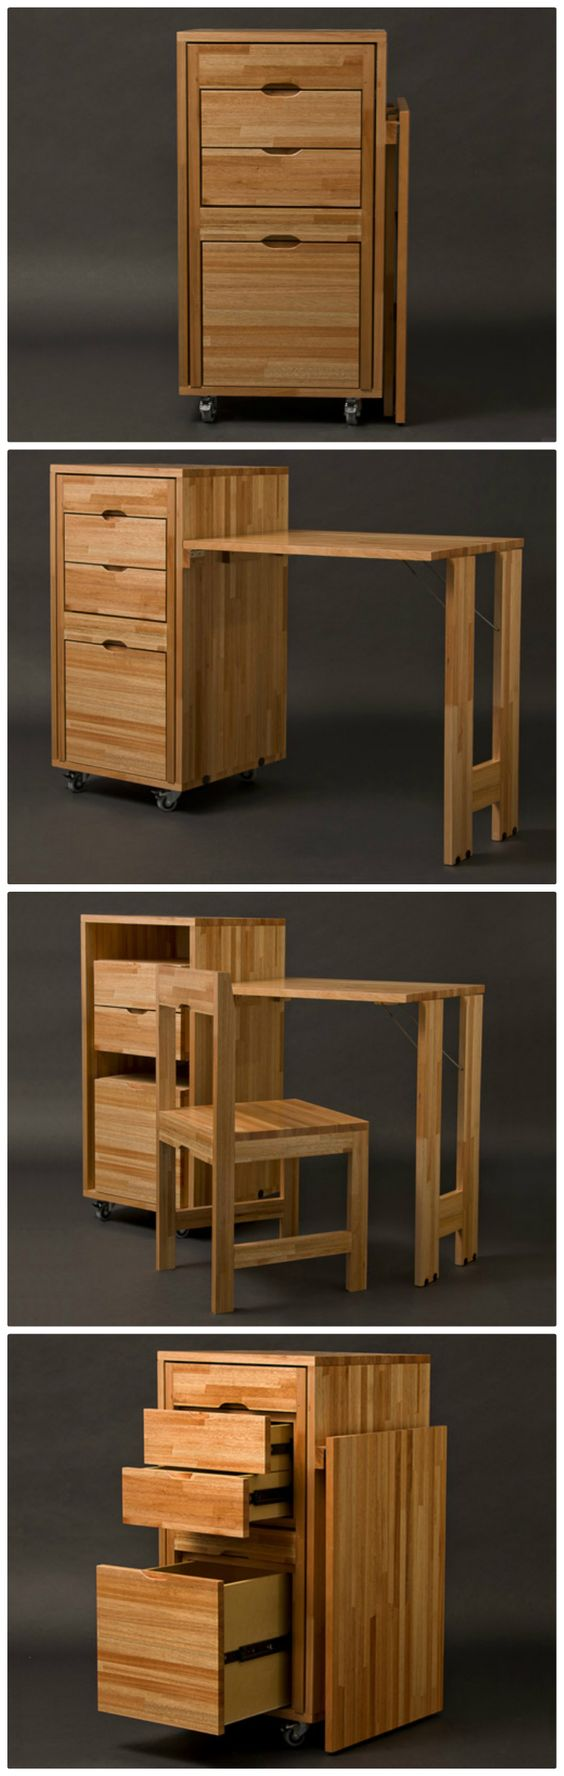 Estupendos y funcionales dise os de muebles para espacios for Acomodar muebles en espacios pequenos